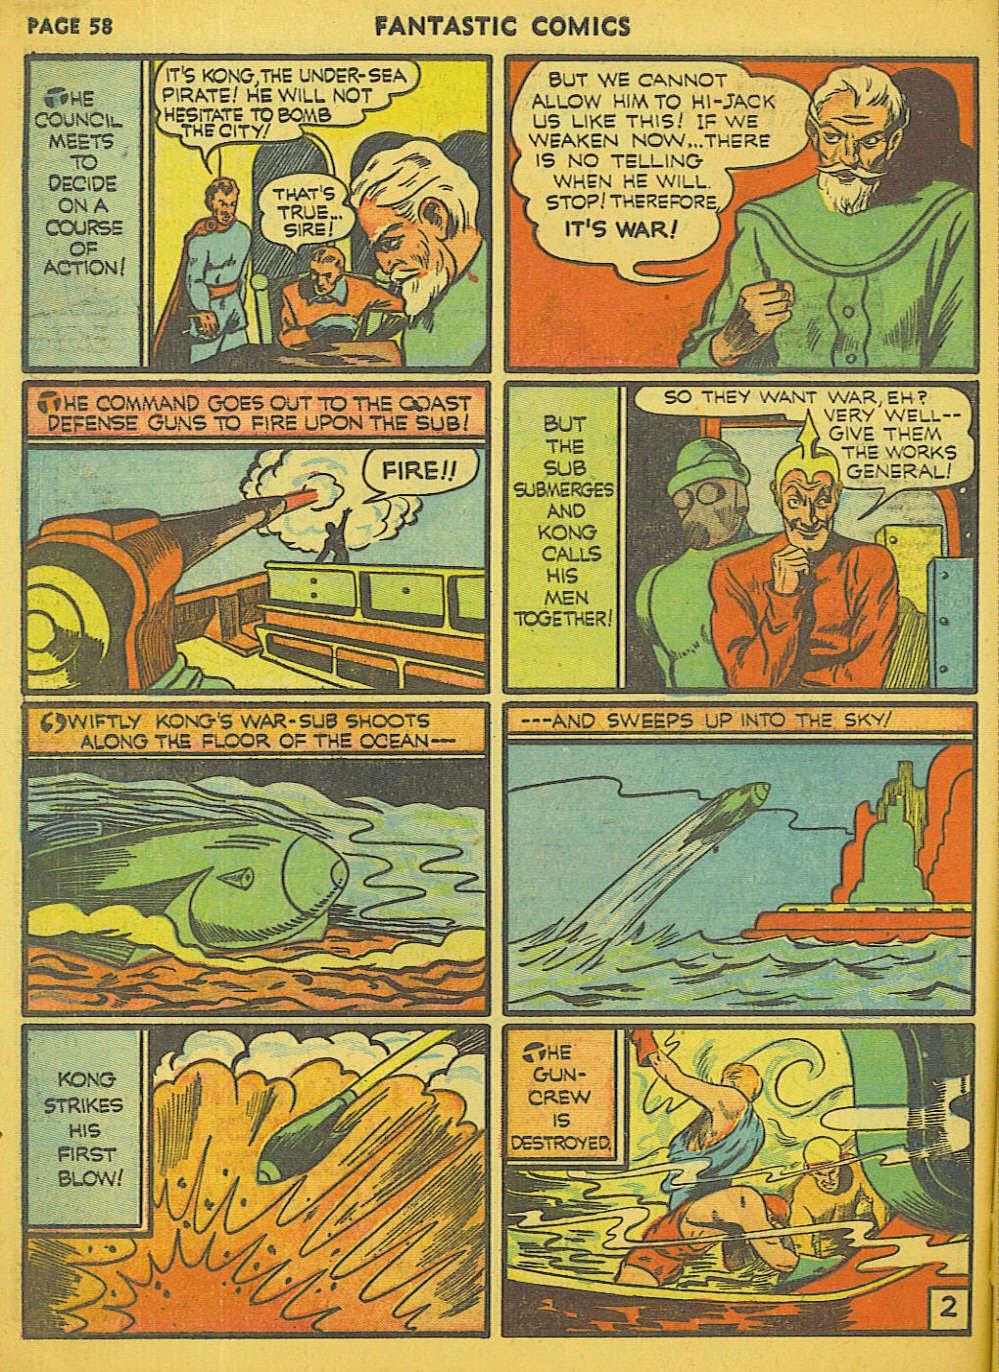 Read online Fantastic Comics comic -  Issue #15 - 53